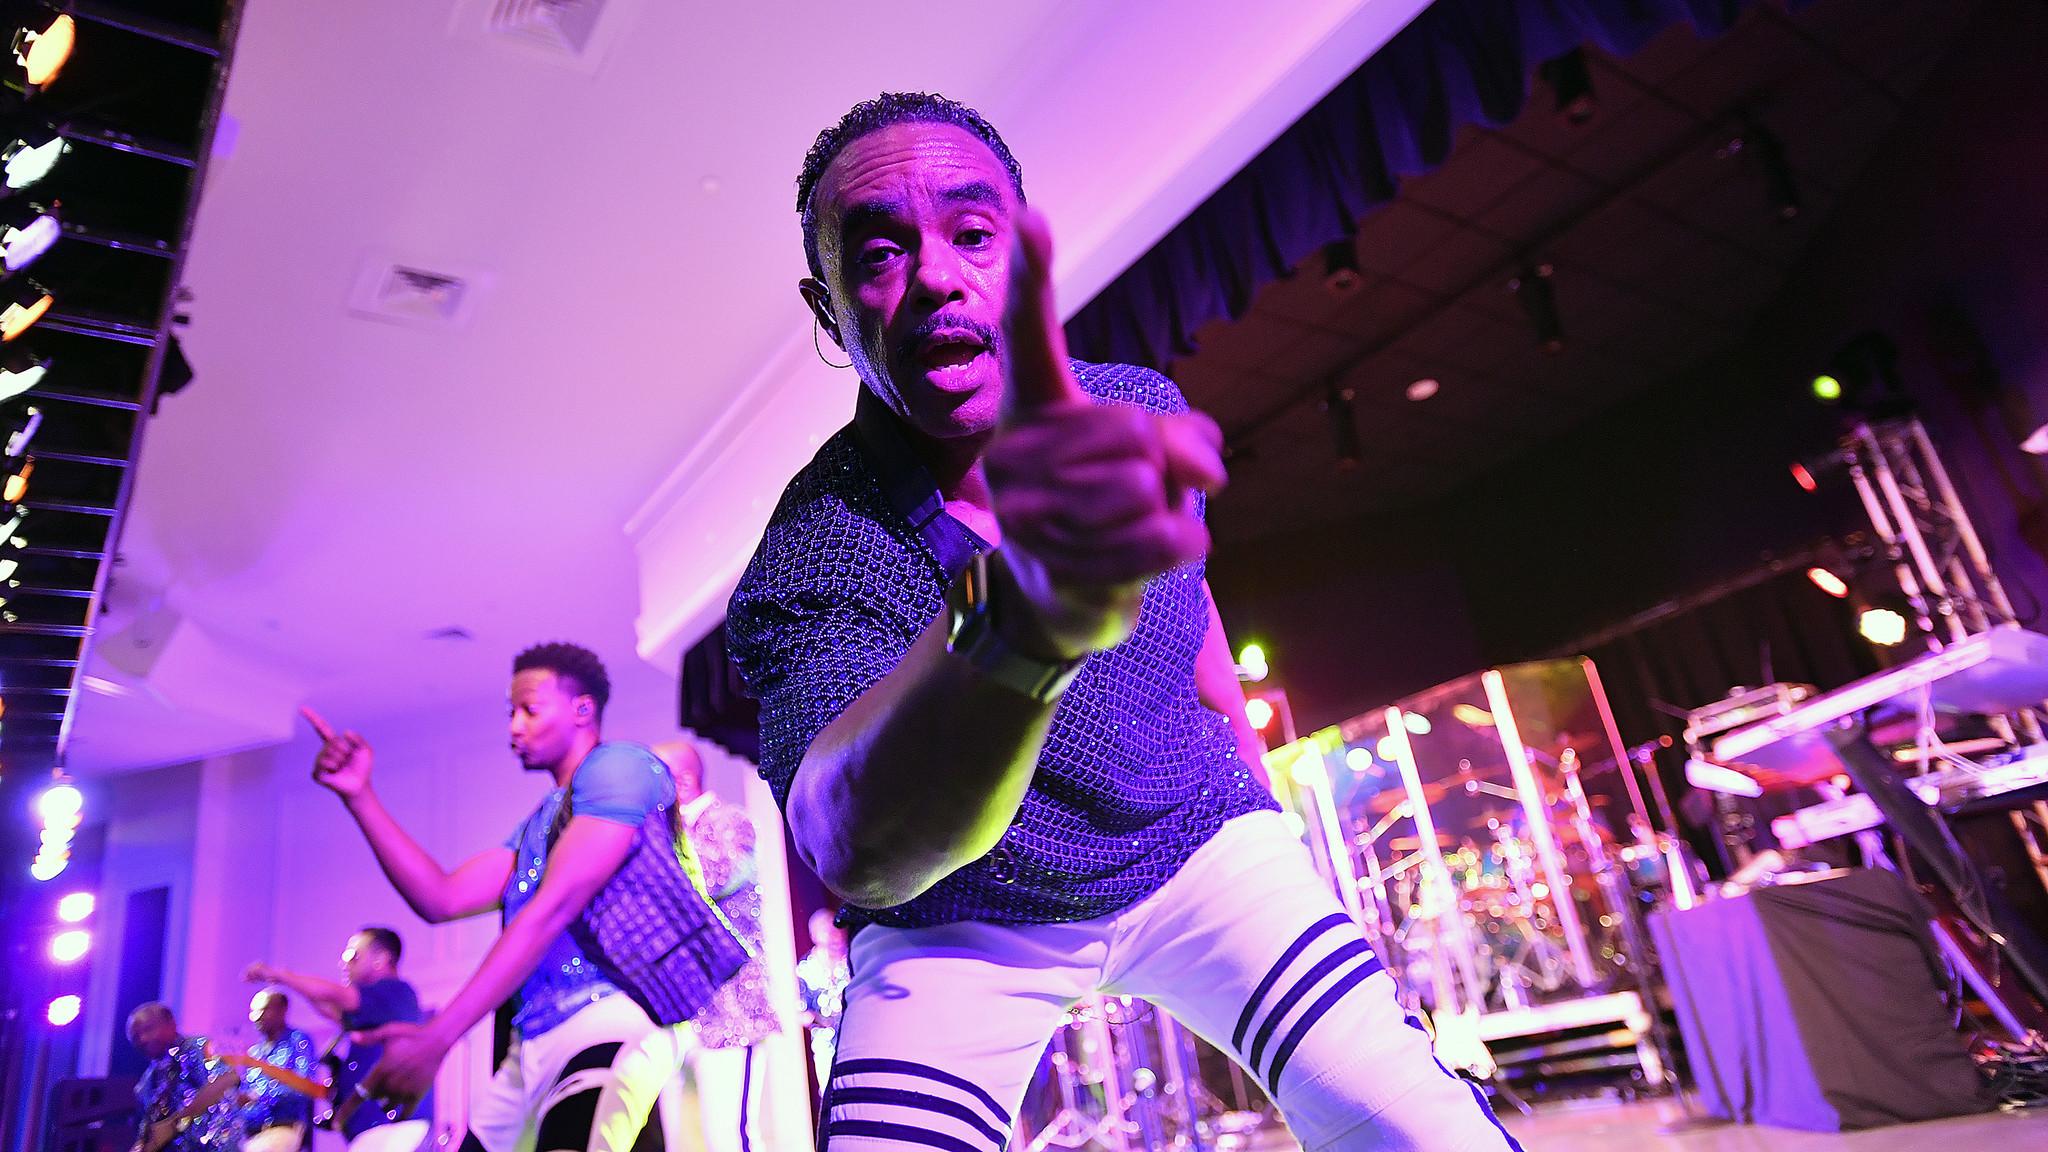 Photos: Kool and the Gang perform at Valencia Bay